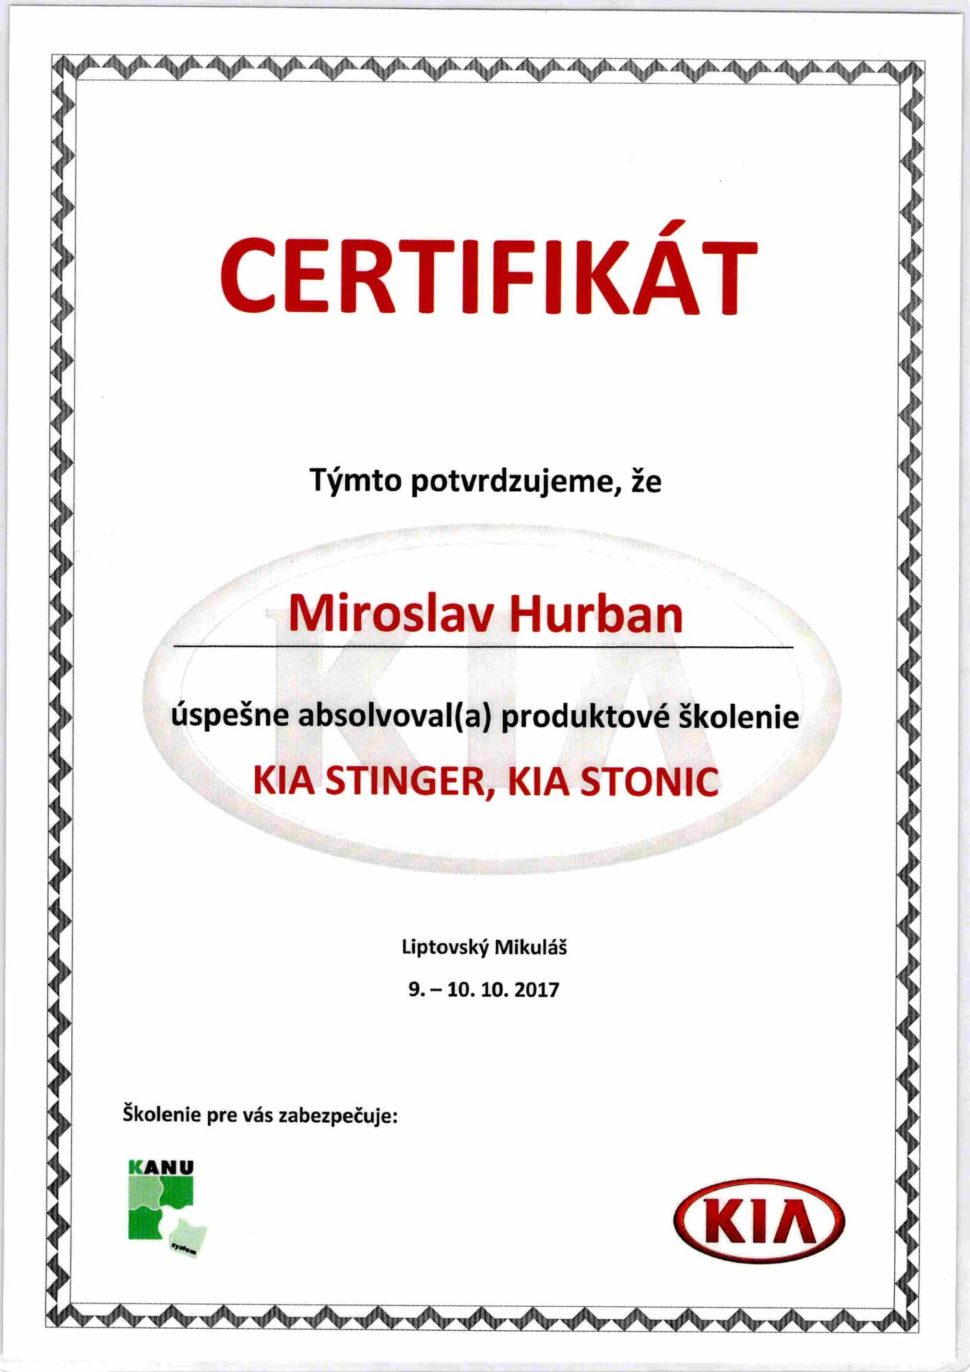 Kia Stinger a Kia Stonic